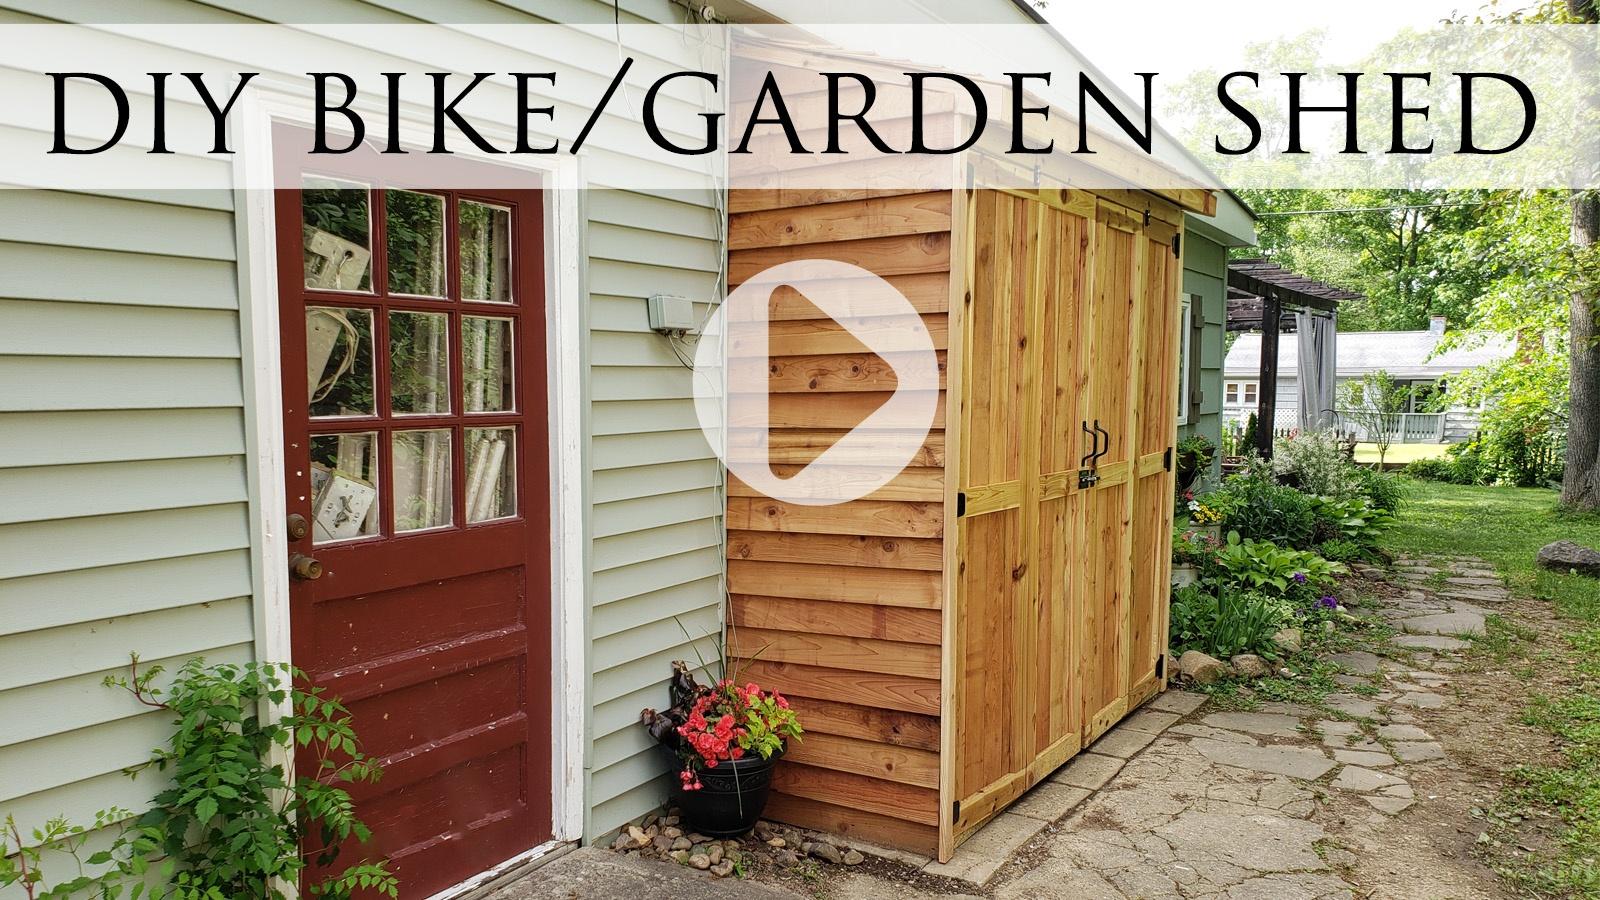 DIY Cedar Bike Shed Video Tutorial by Larissa of Prodigal Pieces | prodigalpieces.com #prodigalpieces